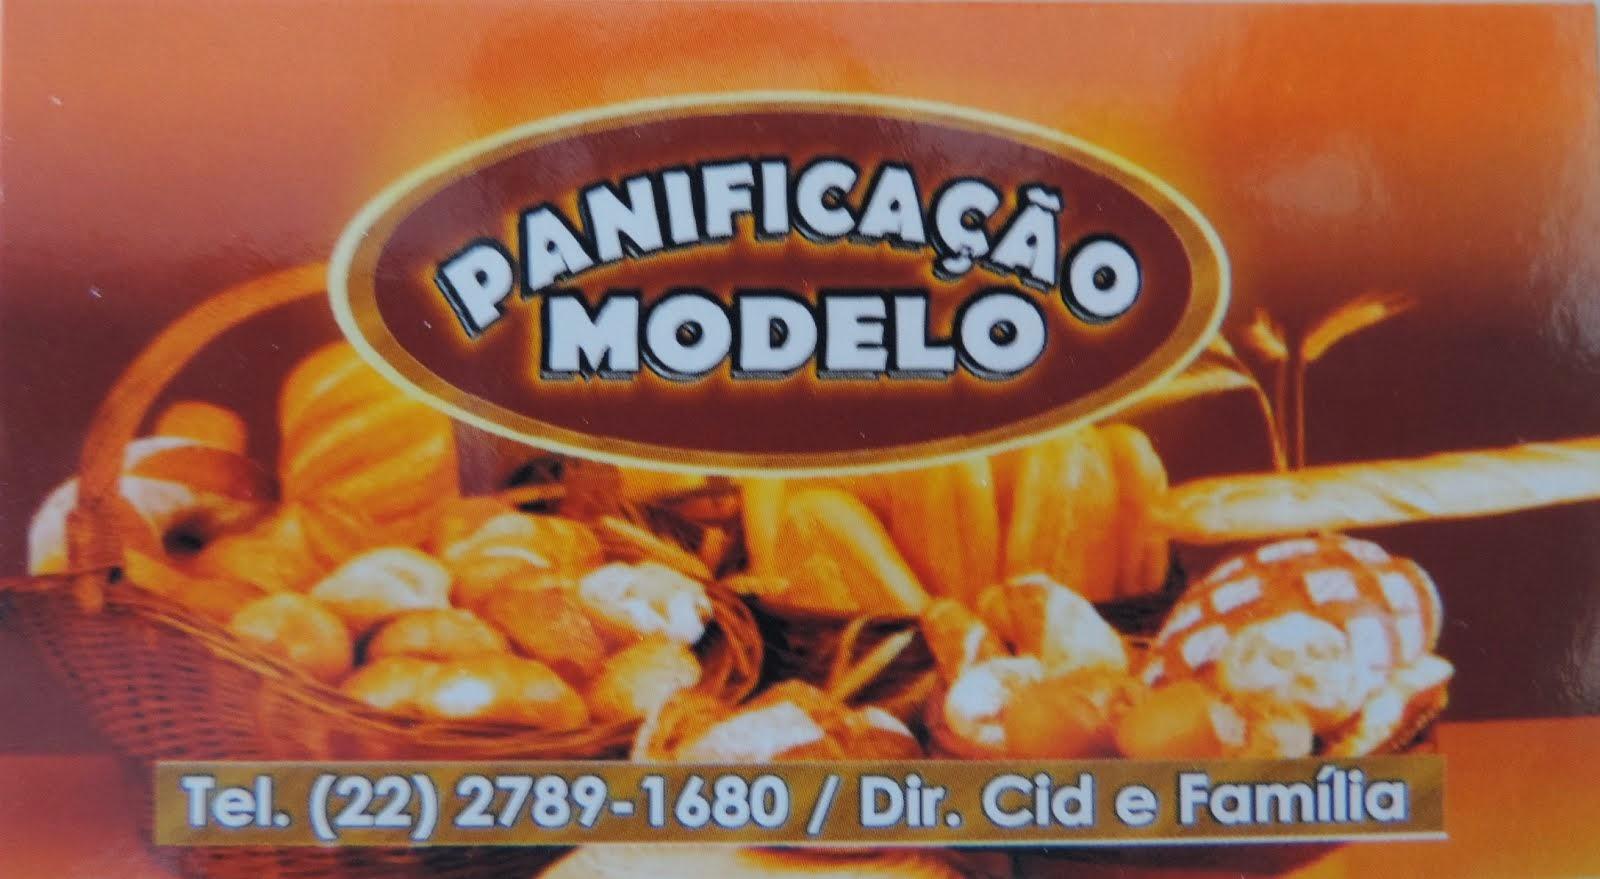 PANIFICAÇÃO MODELO